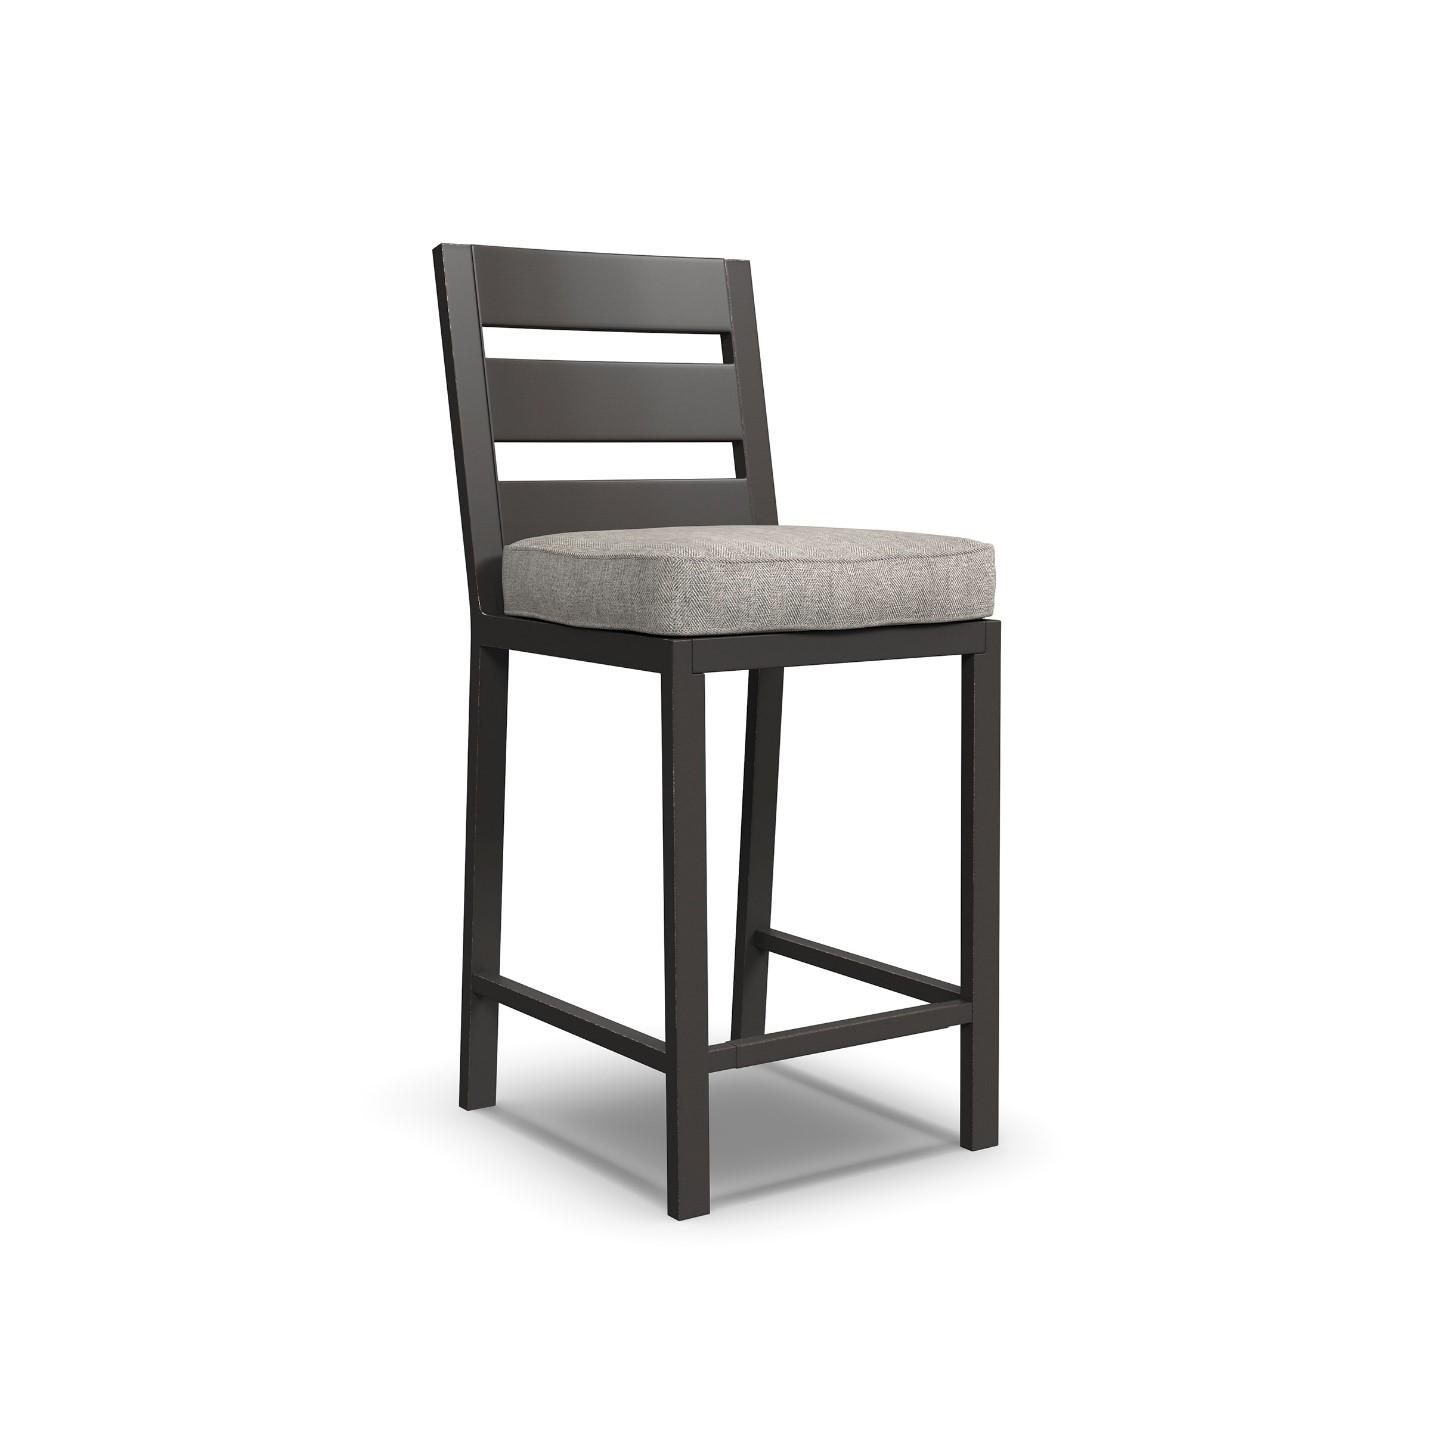 PERRYMOUNT FIRE BAR (bar stool).jpg